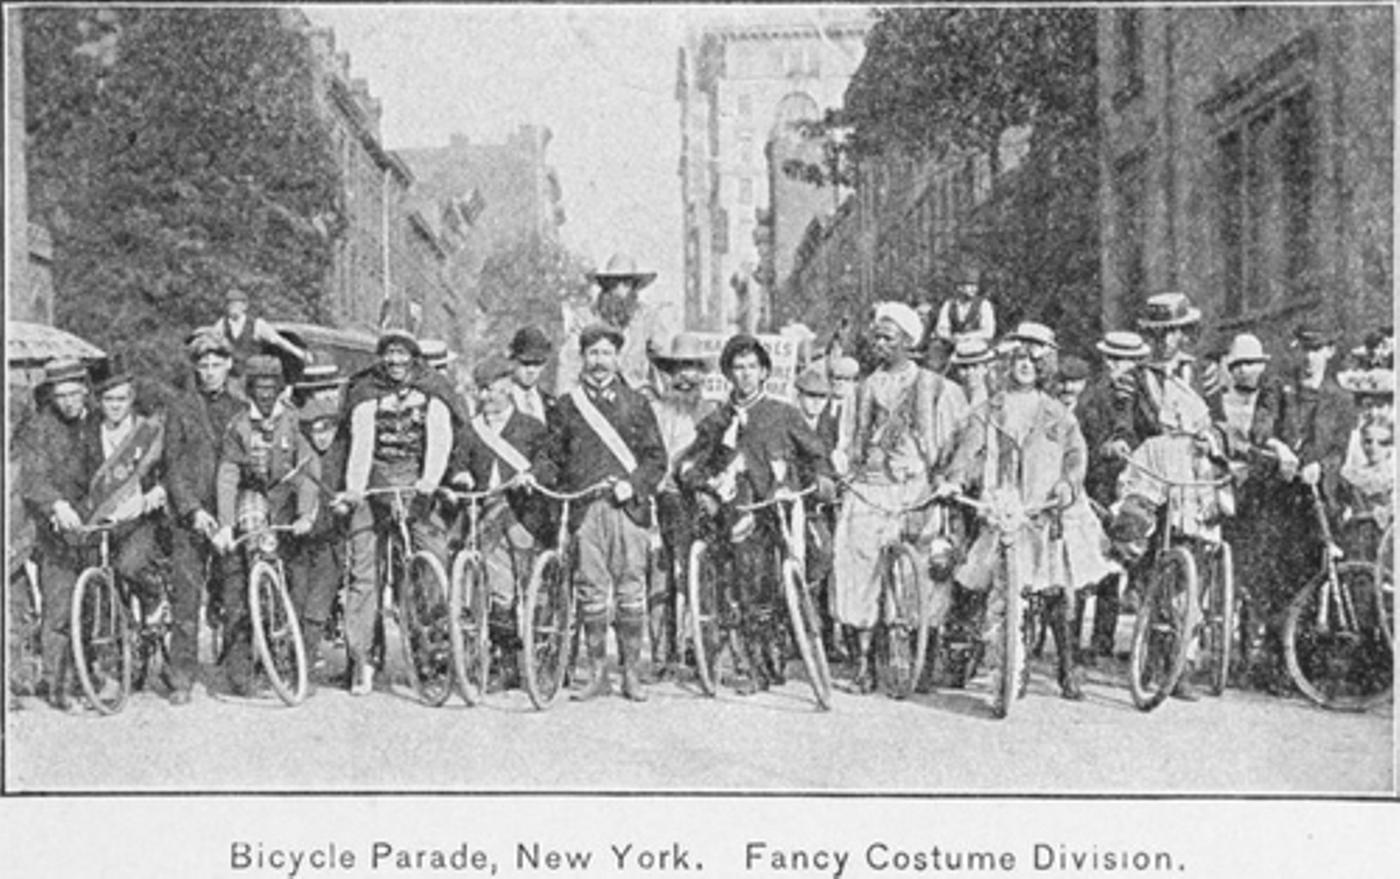 BicycleParade-PINP.jpg